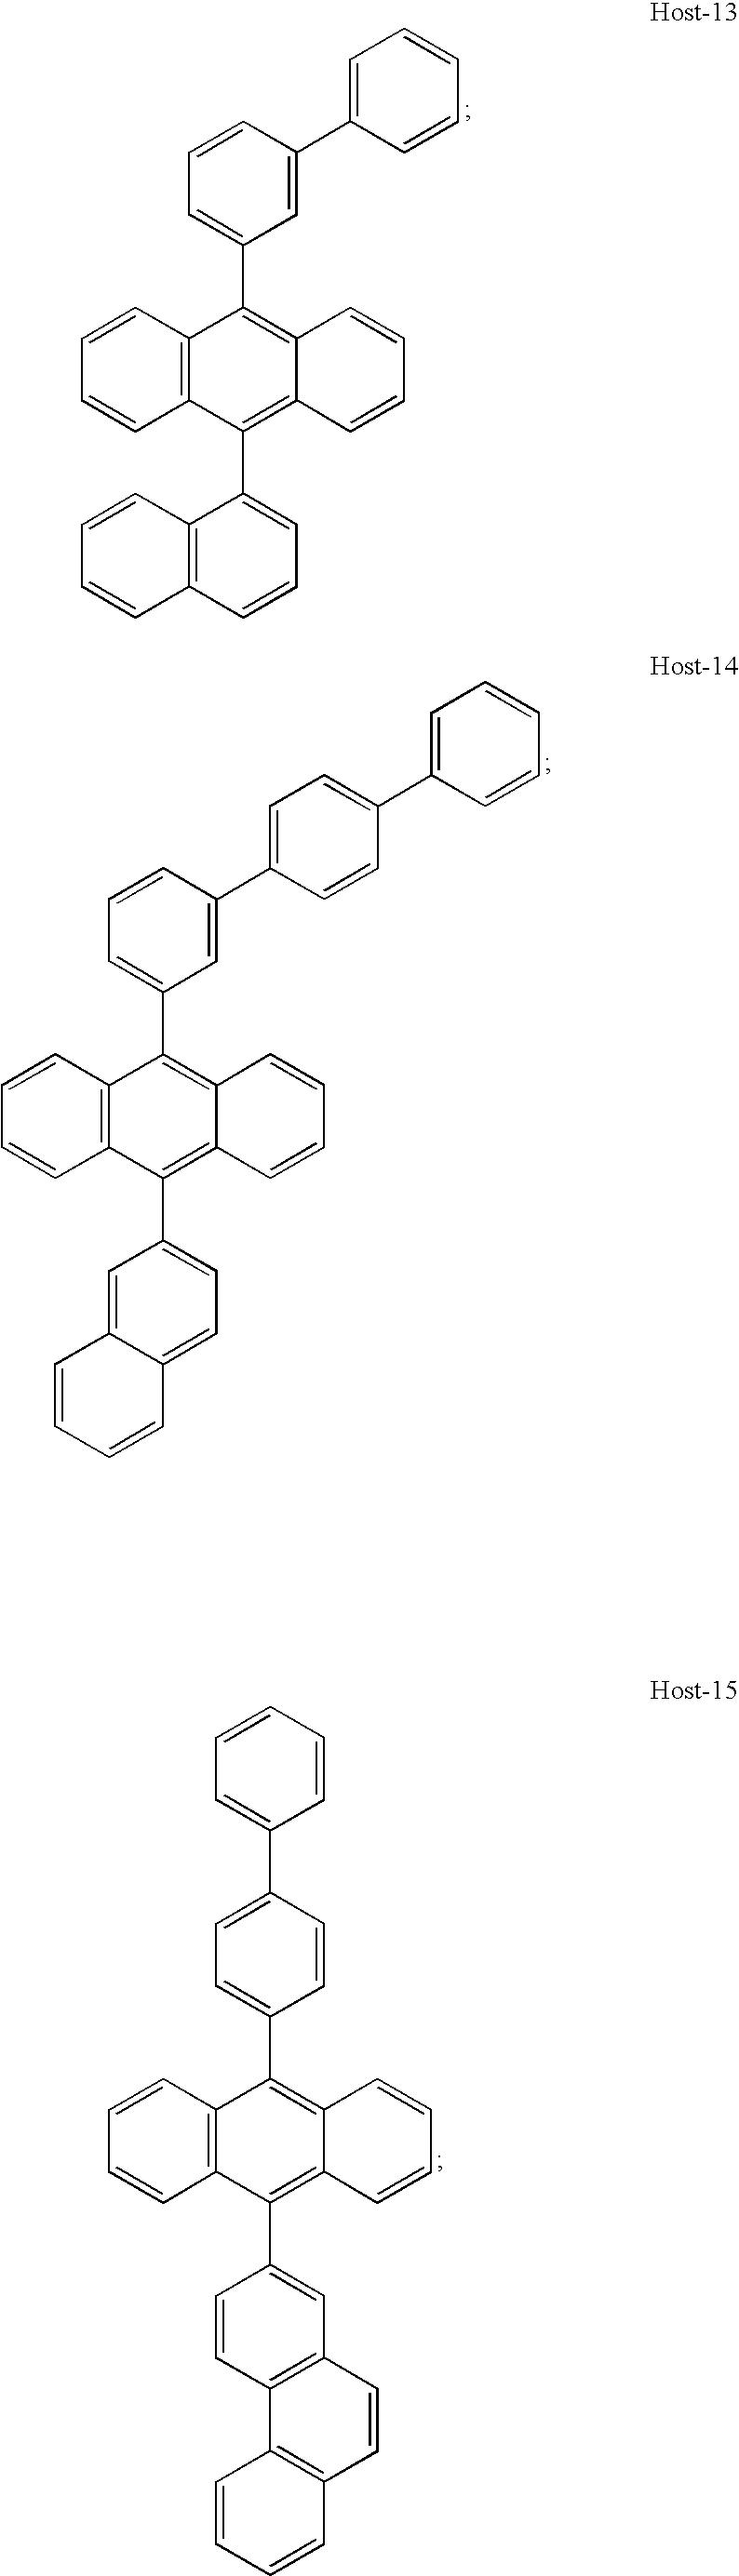 Figure US07602119-20091013-C00018